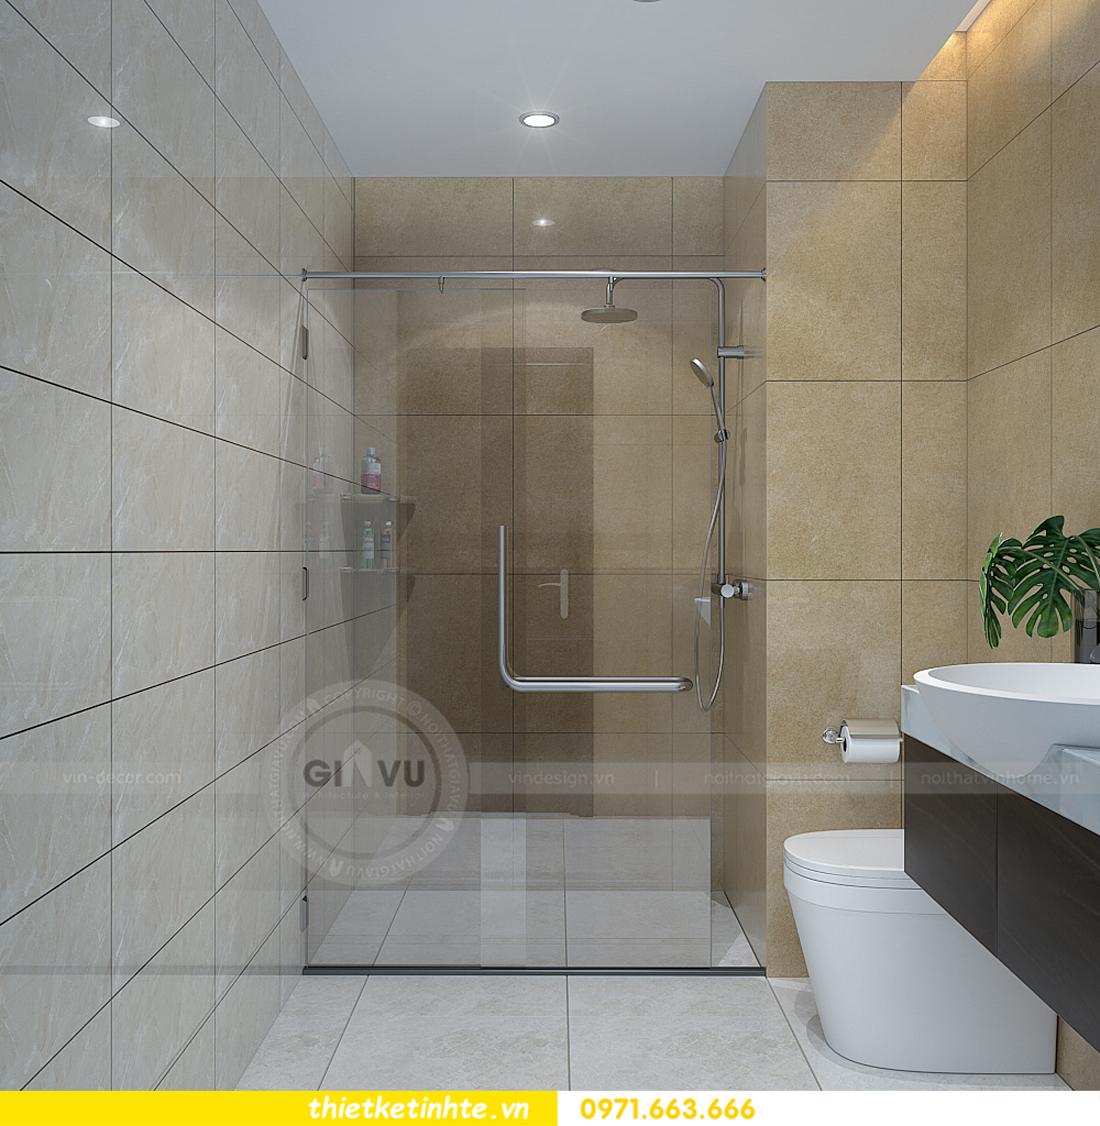 thiết kế nội thất chung cư Vinhomes Sky Lake Phạm Hùng 10